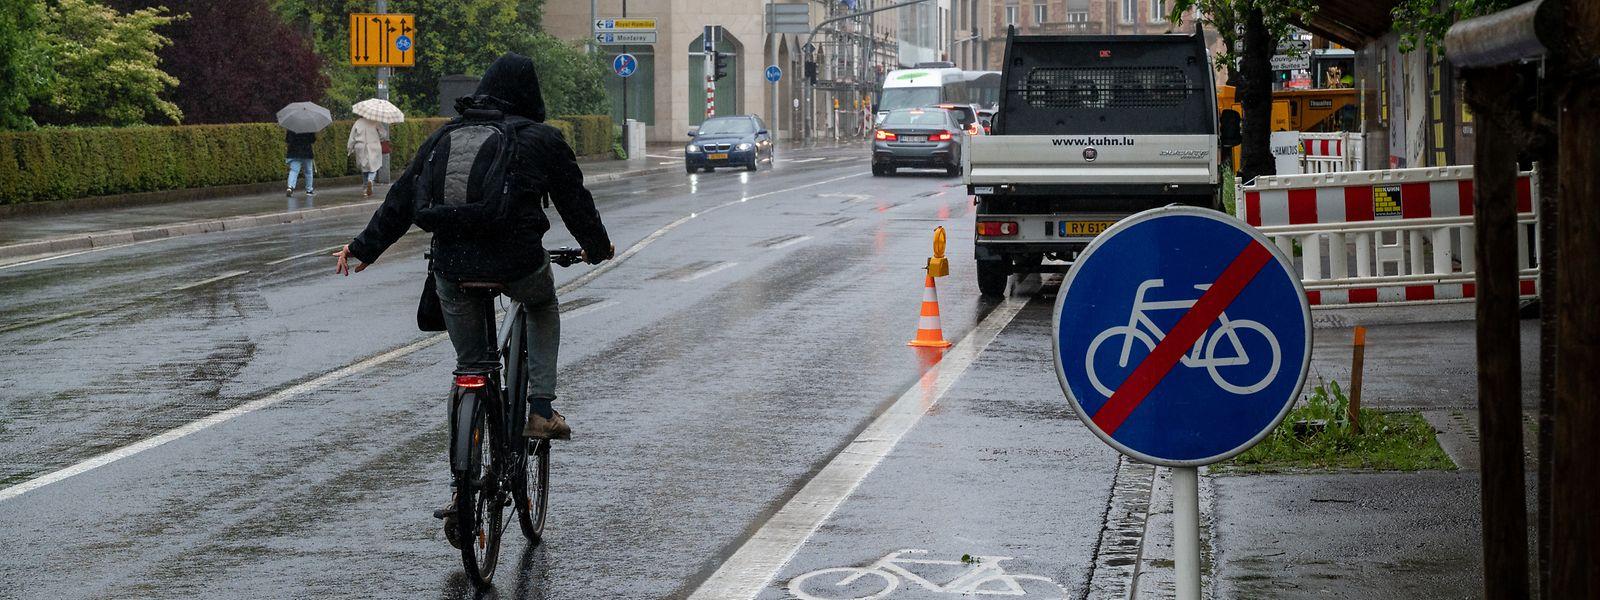 Ein typisches Phänomen in der Hauptstadt, wie es auch von ProVelo angeprangert wird - illustriert an einer der gefährlichsten Verkehrsachsen, der Avenue Marie-Thérèse: Anstatt bei Baustellen auch für Fußgänger und Radfahrer eine sichere Umleitung einzurichten, wird deren Weg schlicht gesperrt.